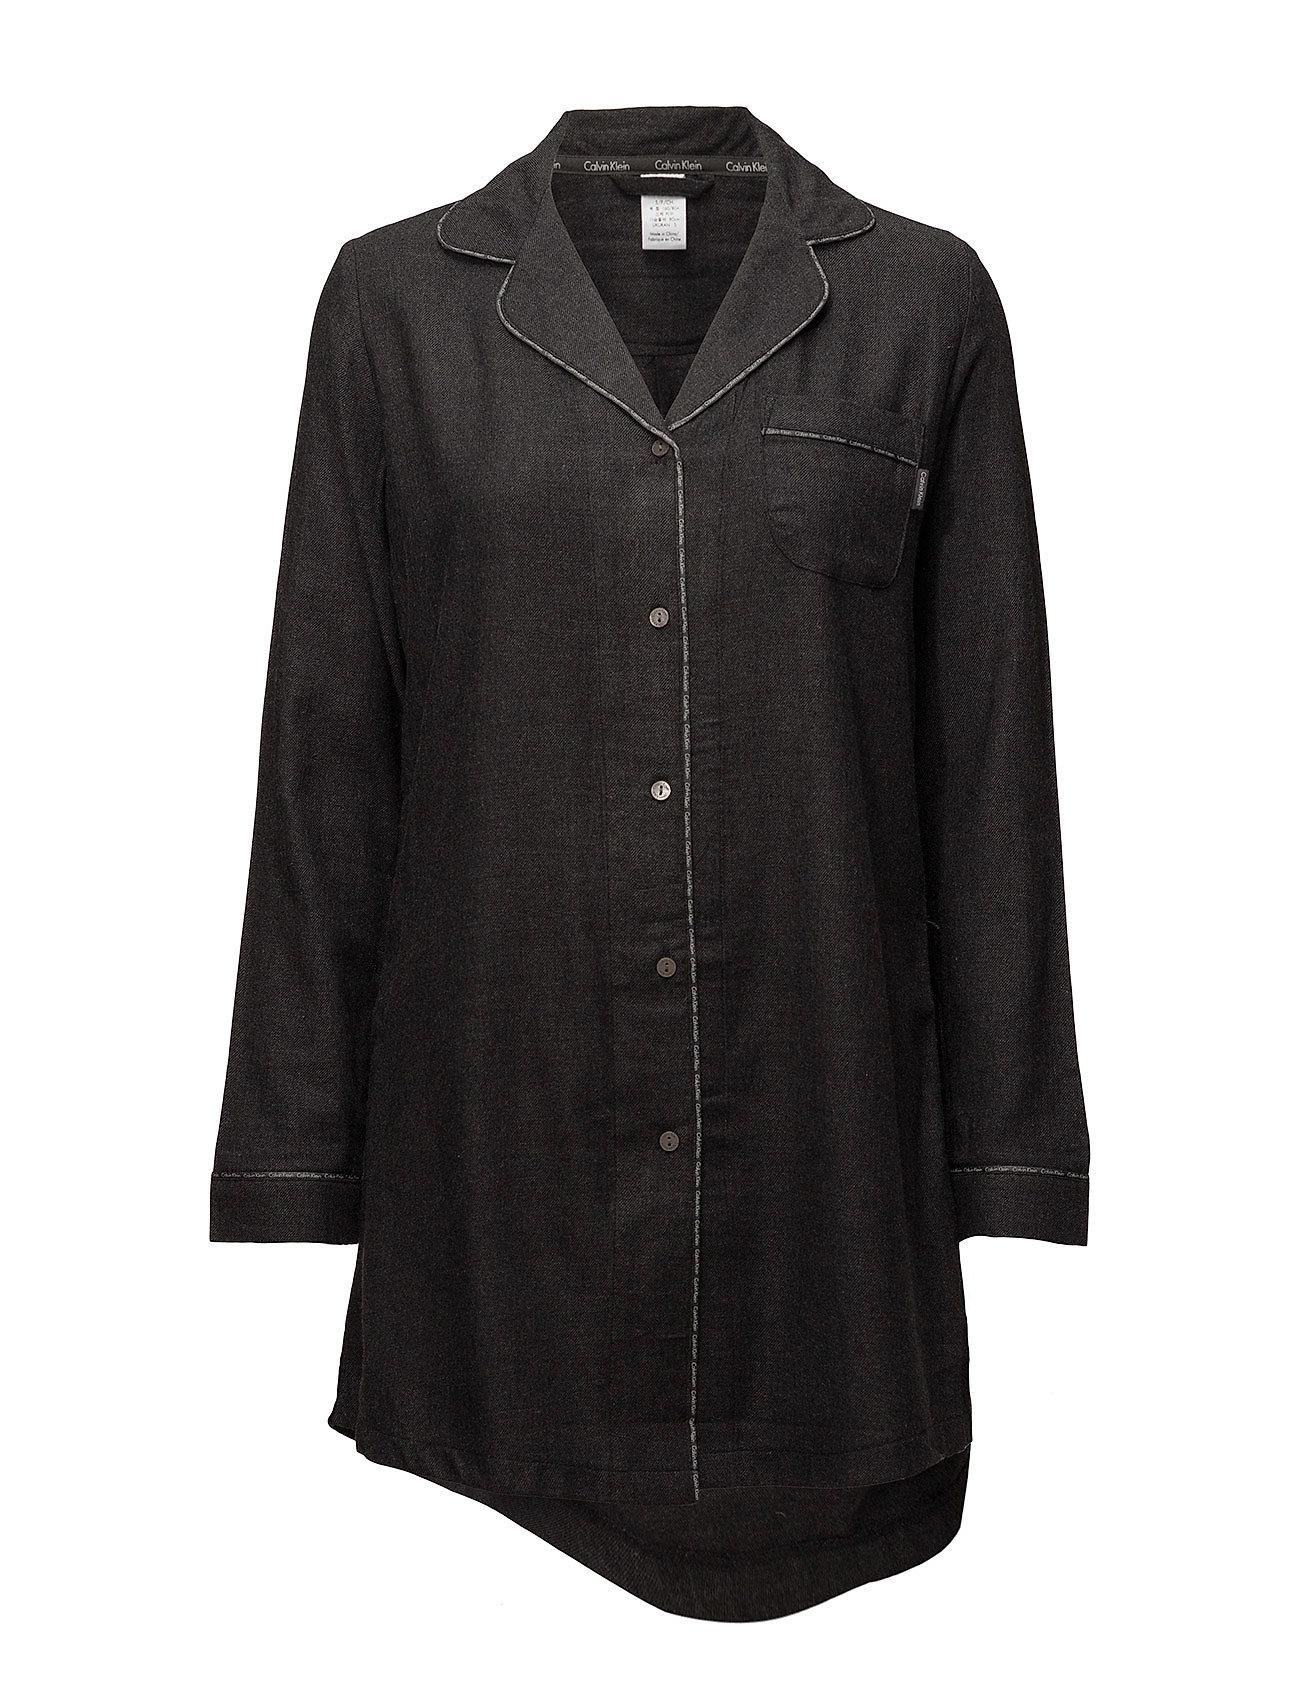 calvin klein L/s nightshirt, 038, fra boozt.com dk